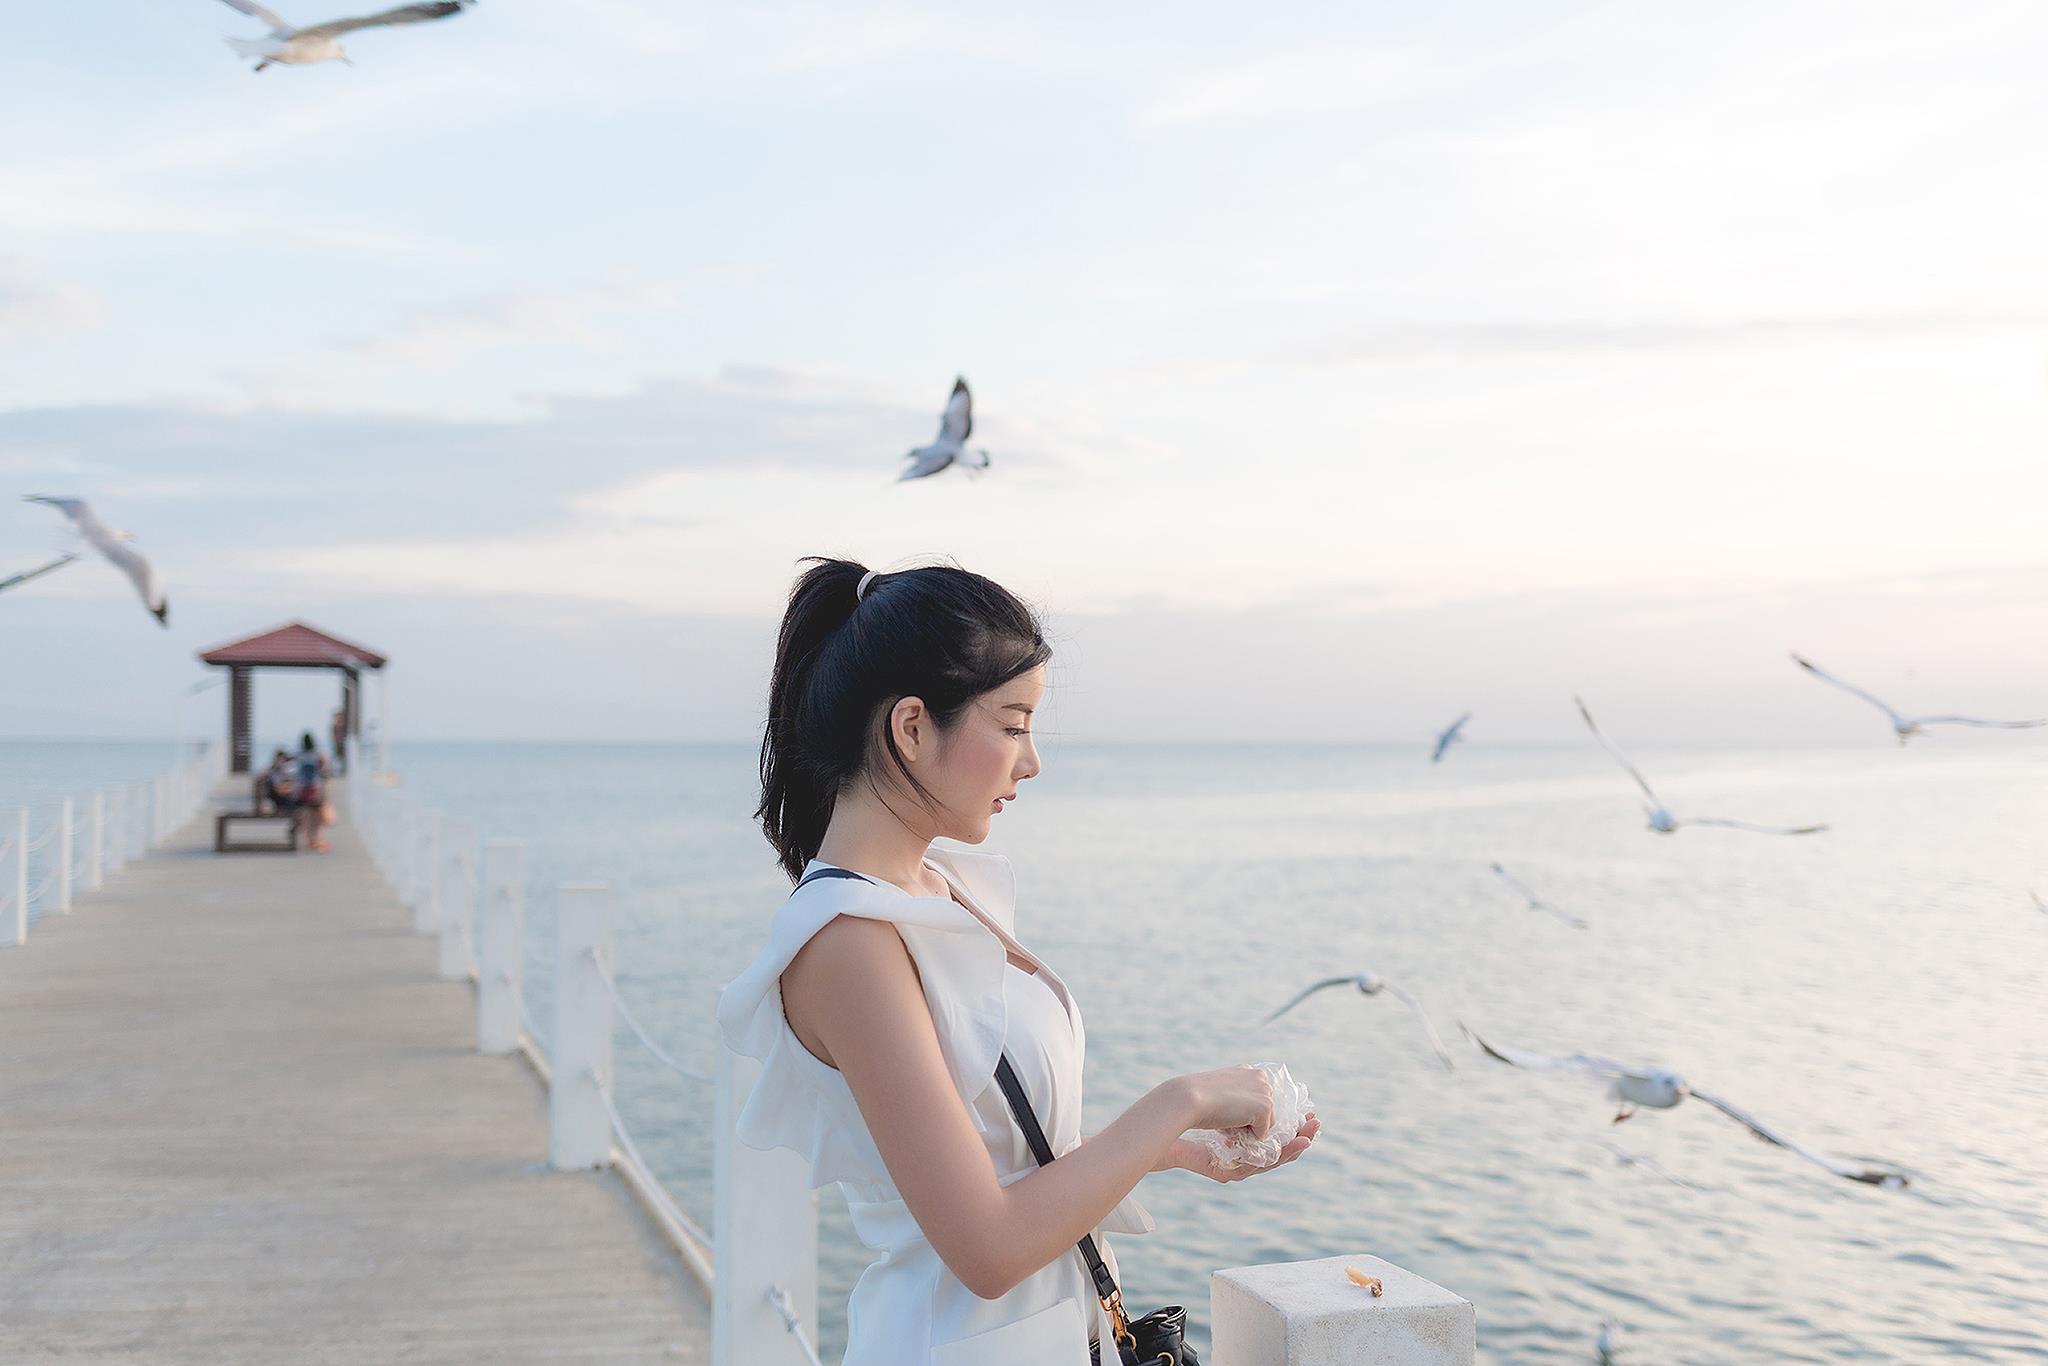 Pier - Supitcha Boonkumphoung